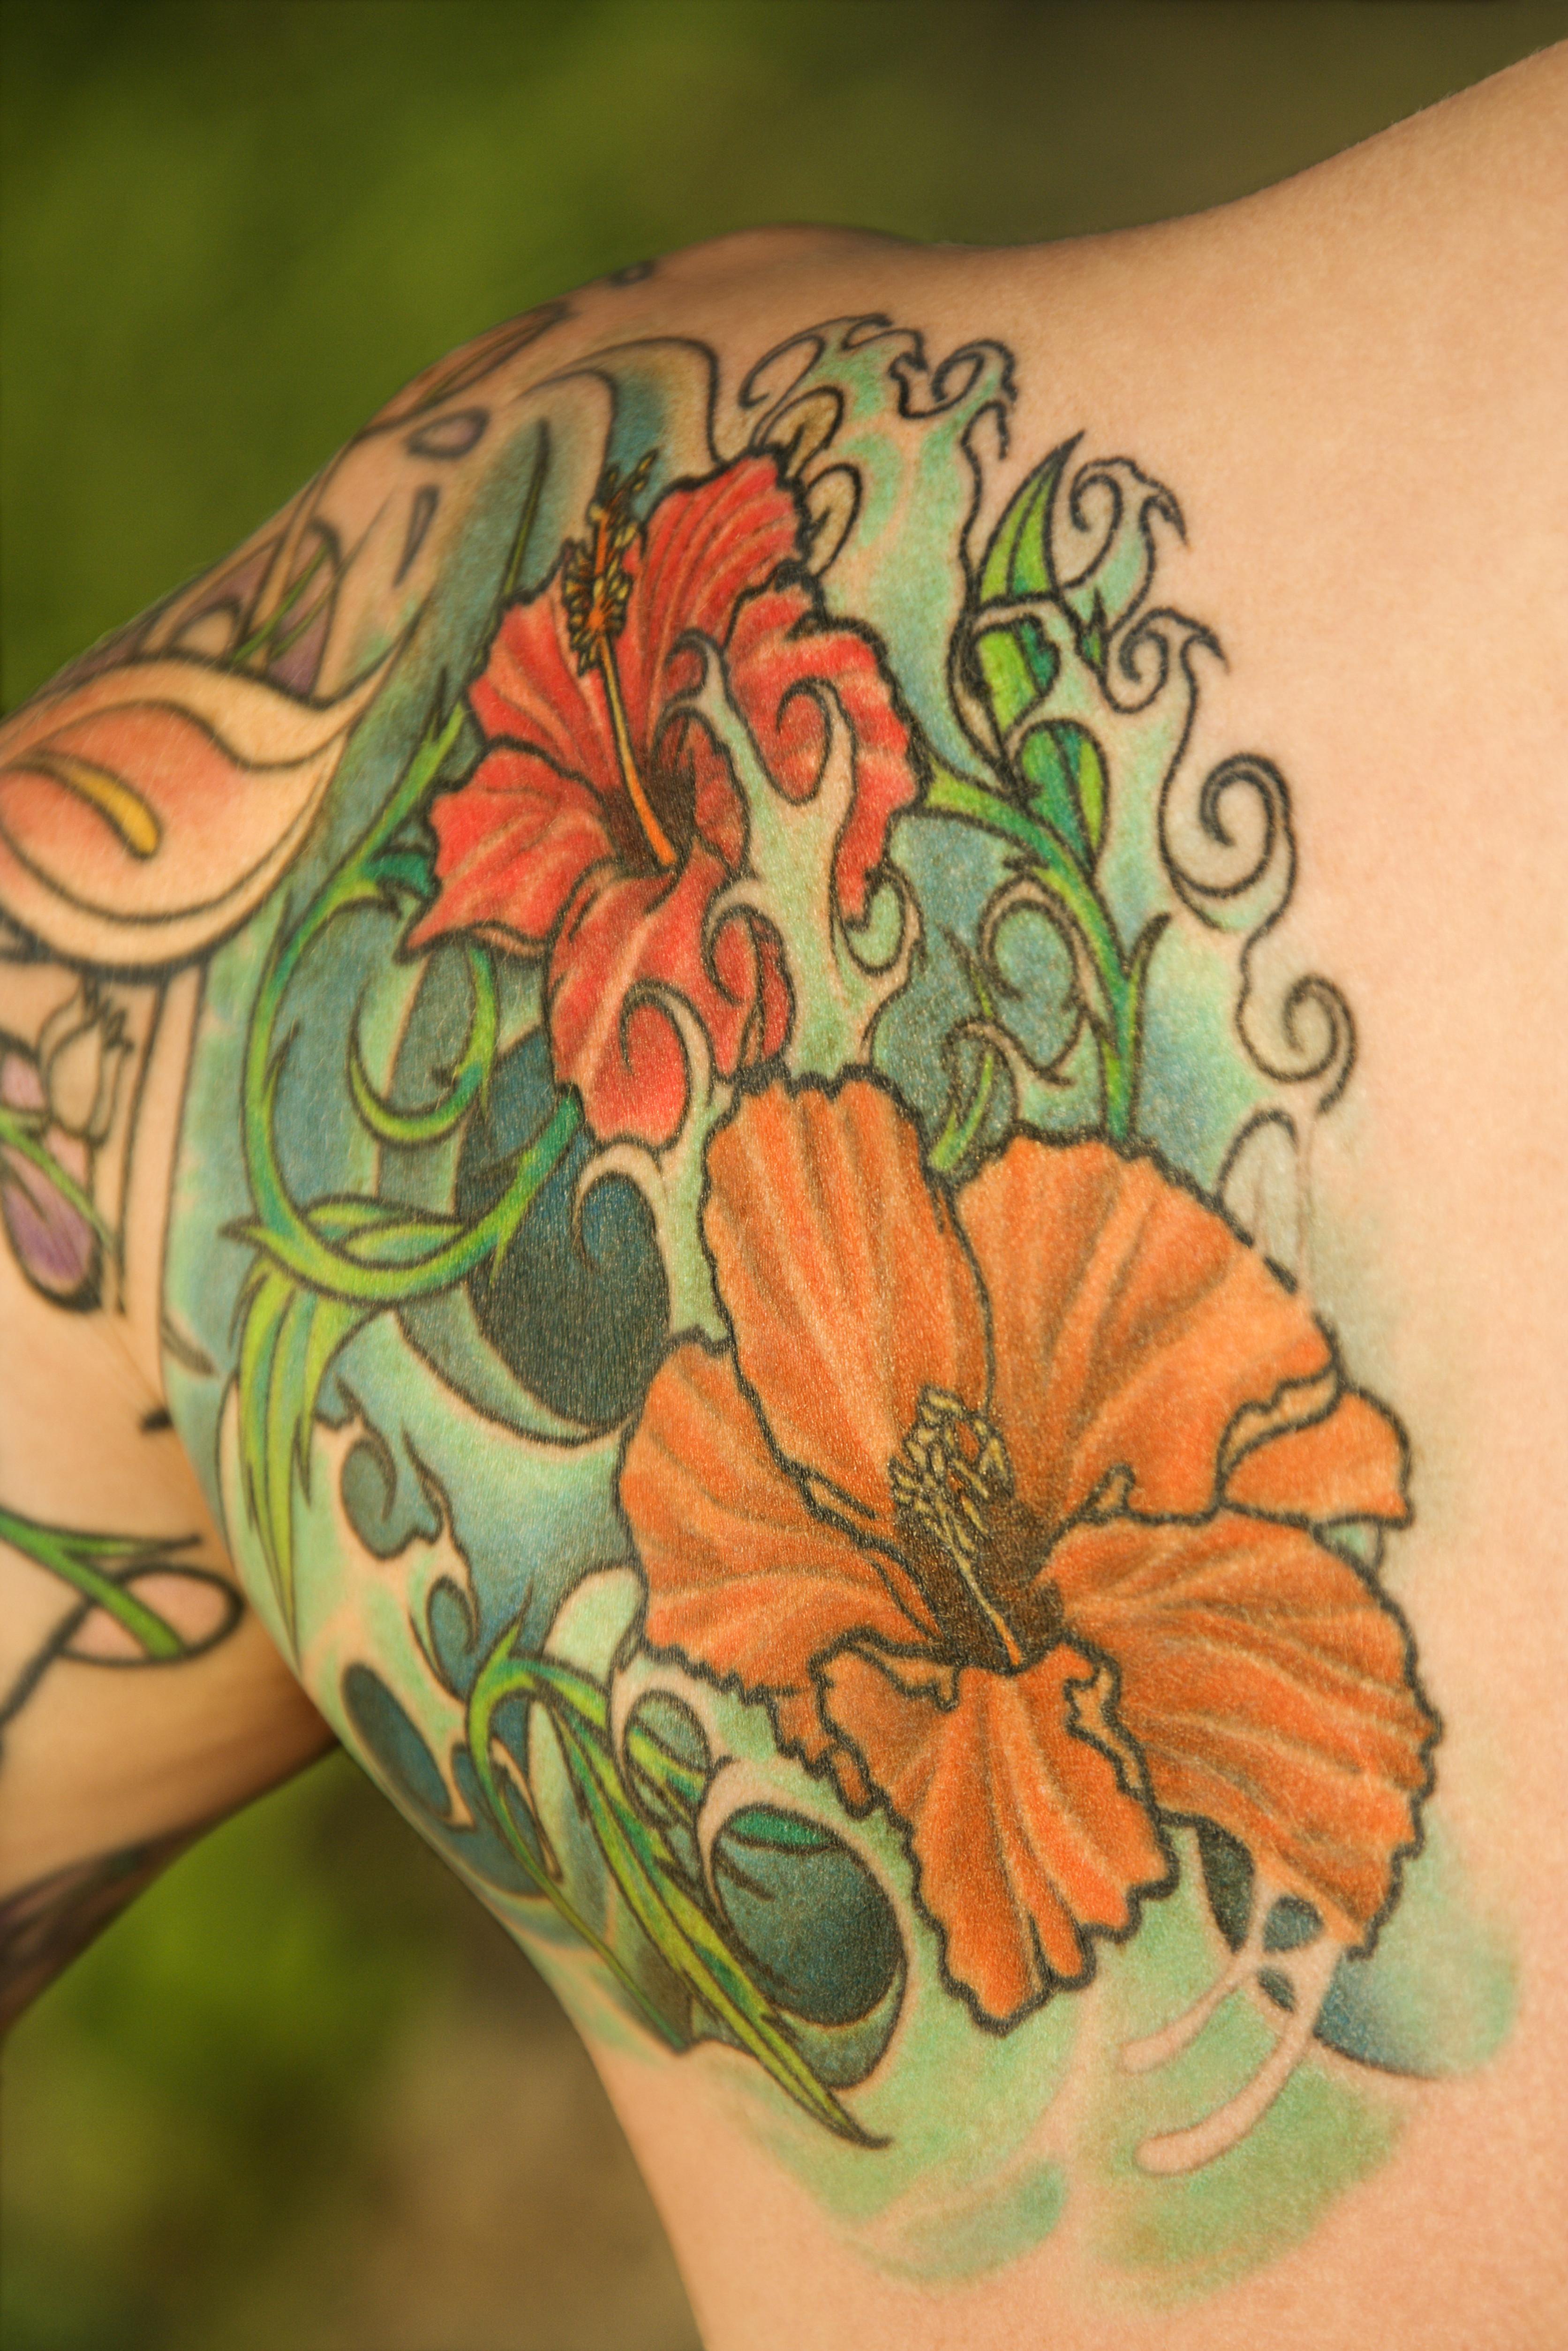 Meticulous (Medium Sized) Tattoo